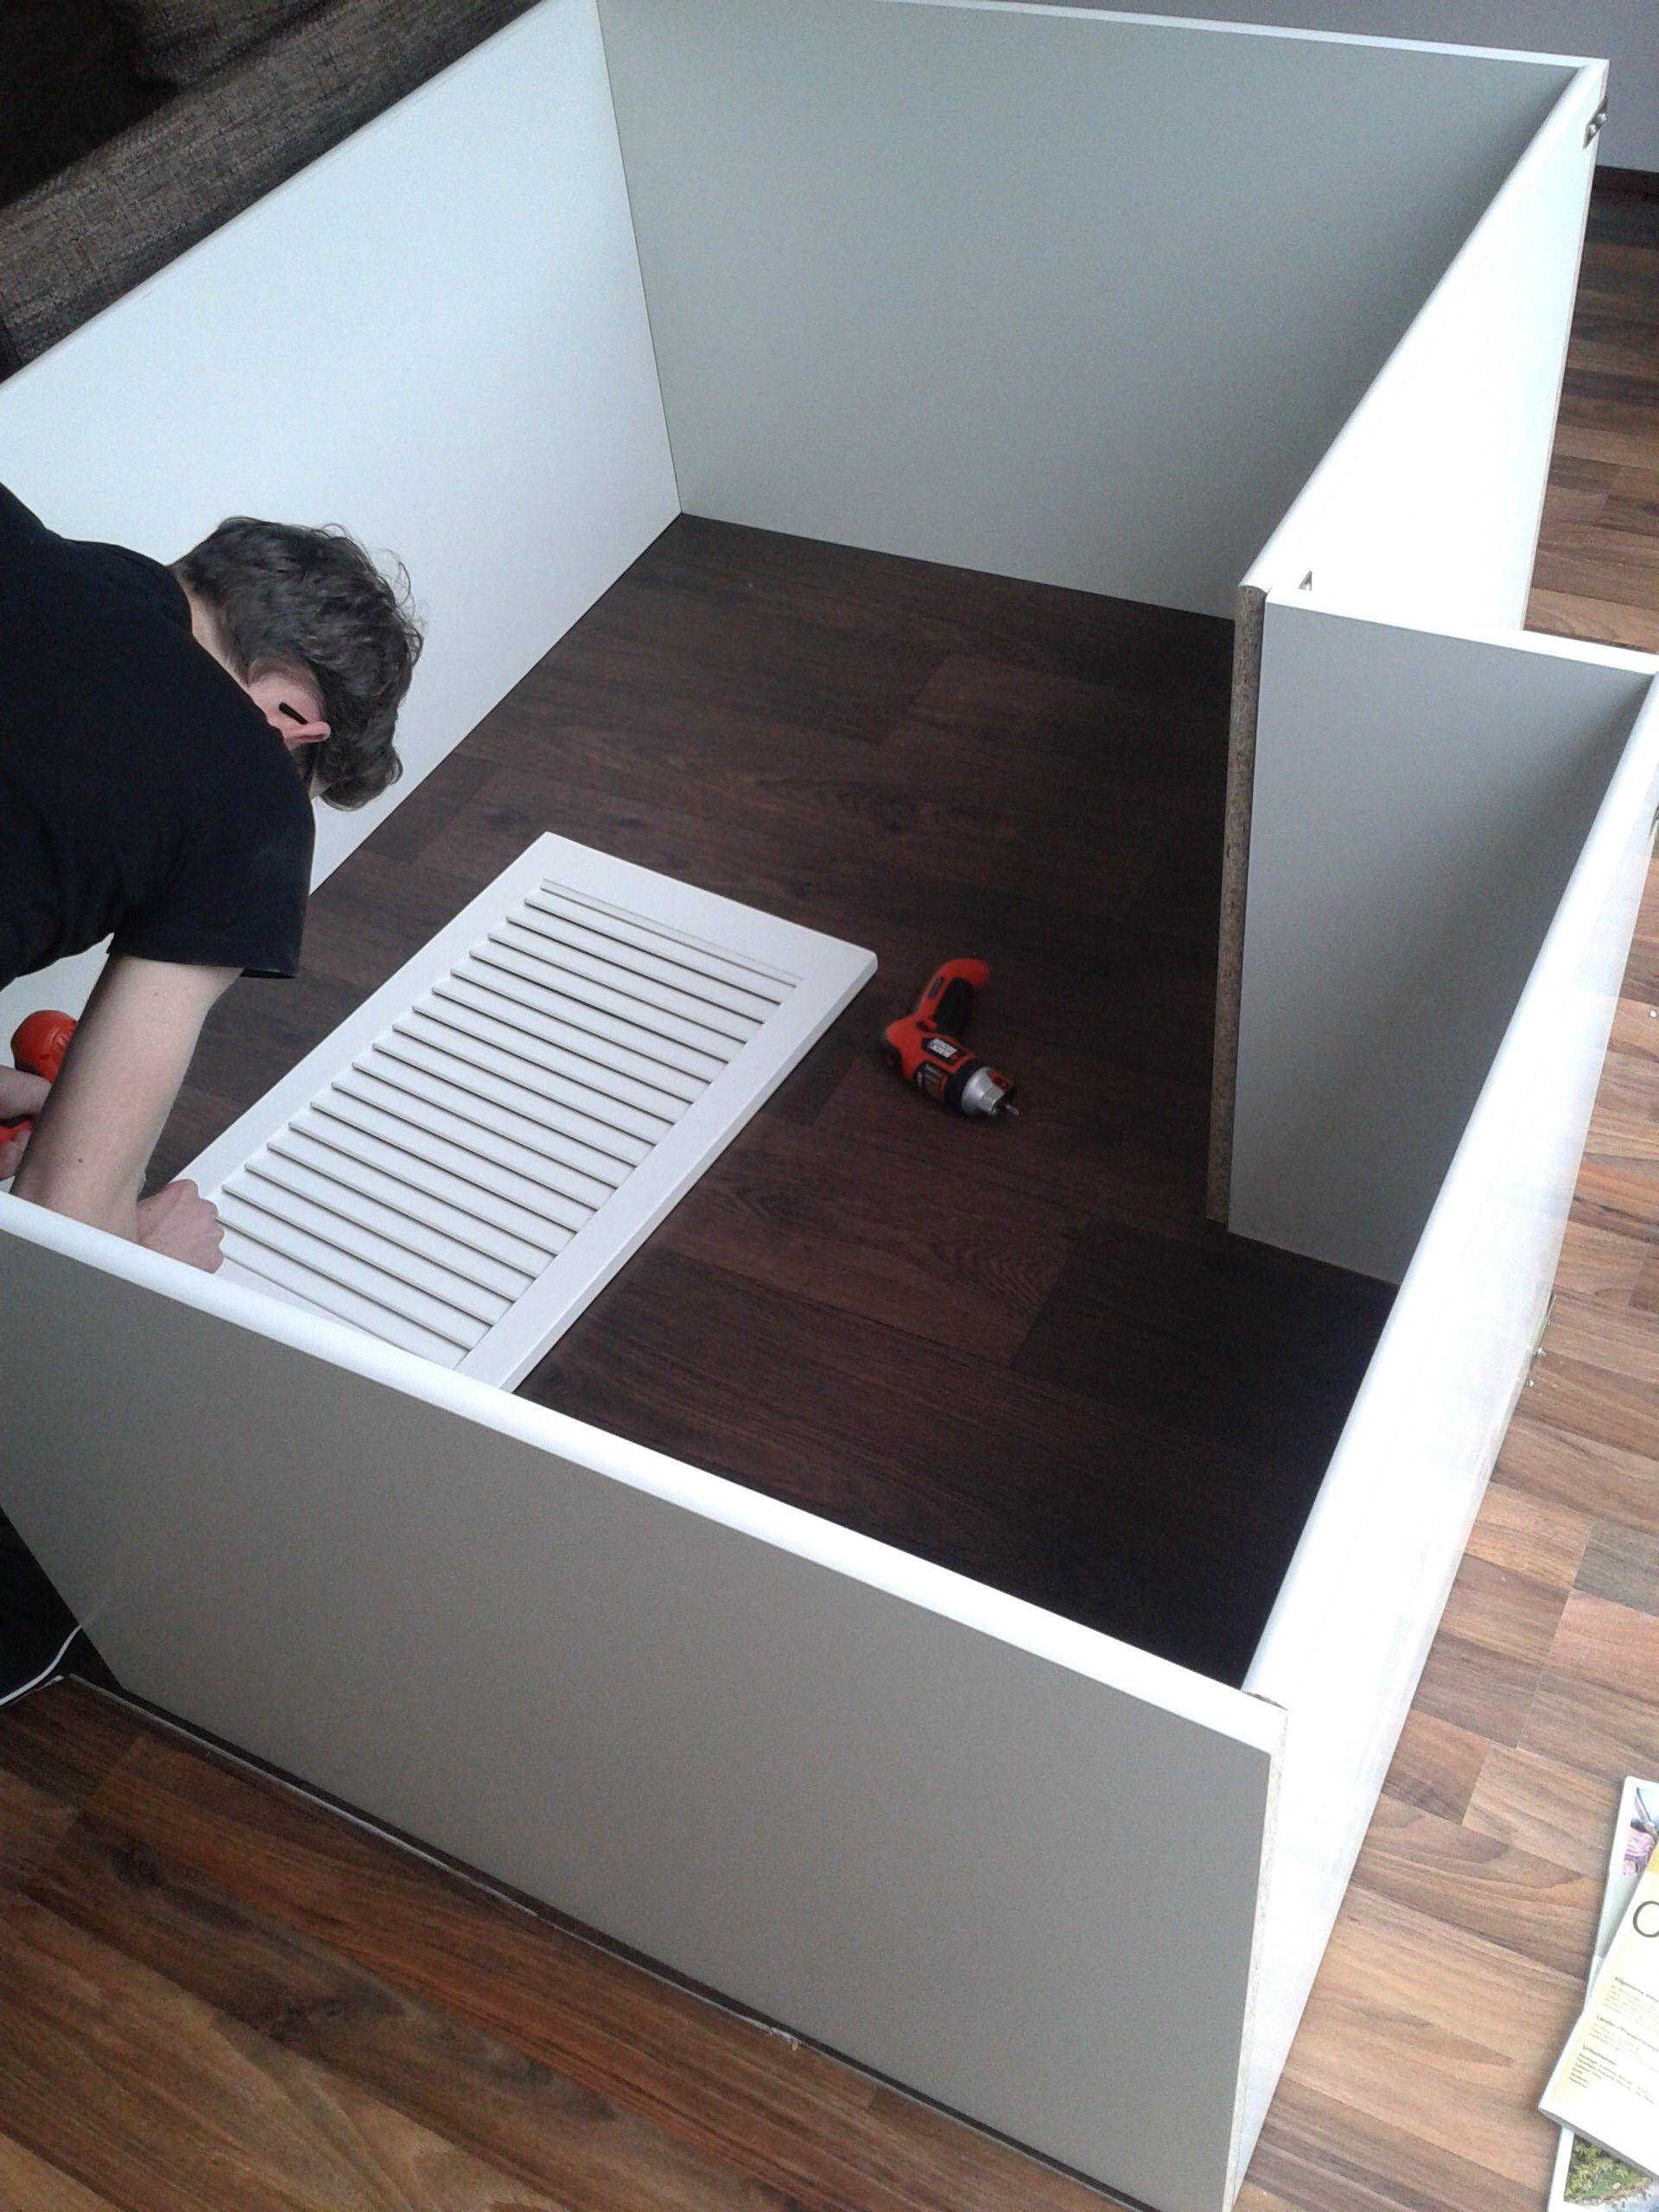 selbstgebauter kaninchenauslauf f r die wohnung hasen pinterest kaninchen. Black Bedroom Furniture Sets. Home Design Ideas